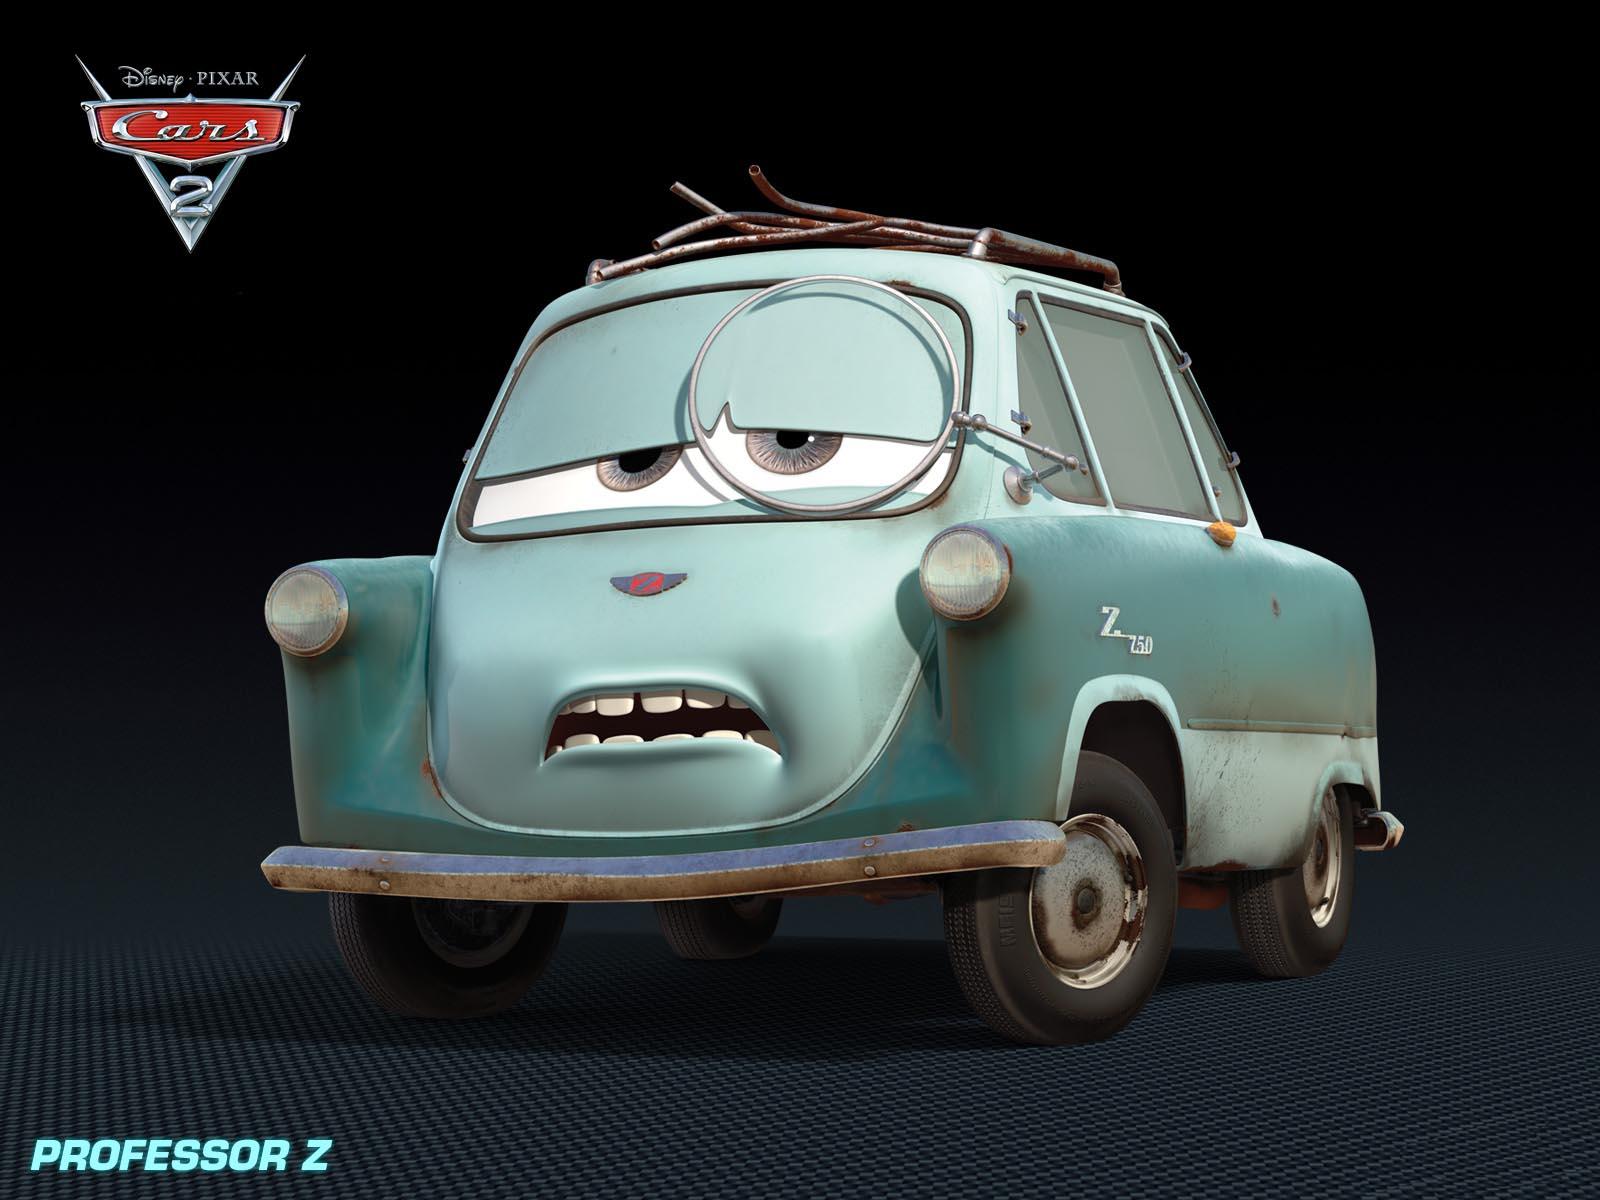 http://4.bp.blogspot.com/-boJqmTLjj1k/T0Tz6Zw0BpI/AAAAAAAAI_U/69ELd1RKE4U/s1600/PROFESSOR-Z-Cars2-characters-wallpaper.jpg